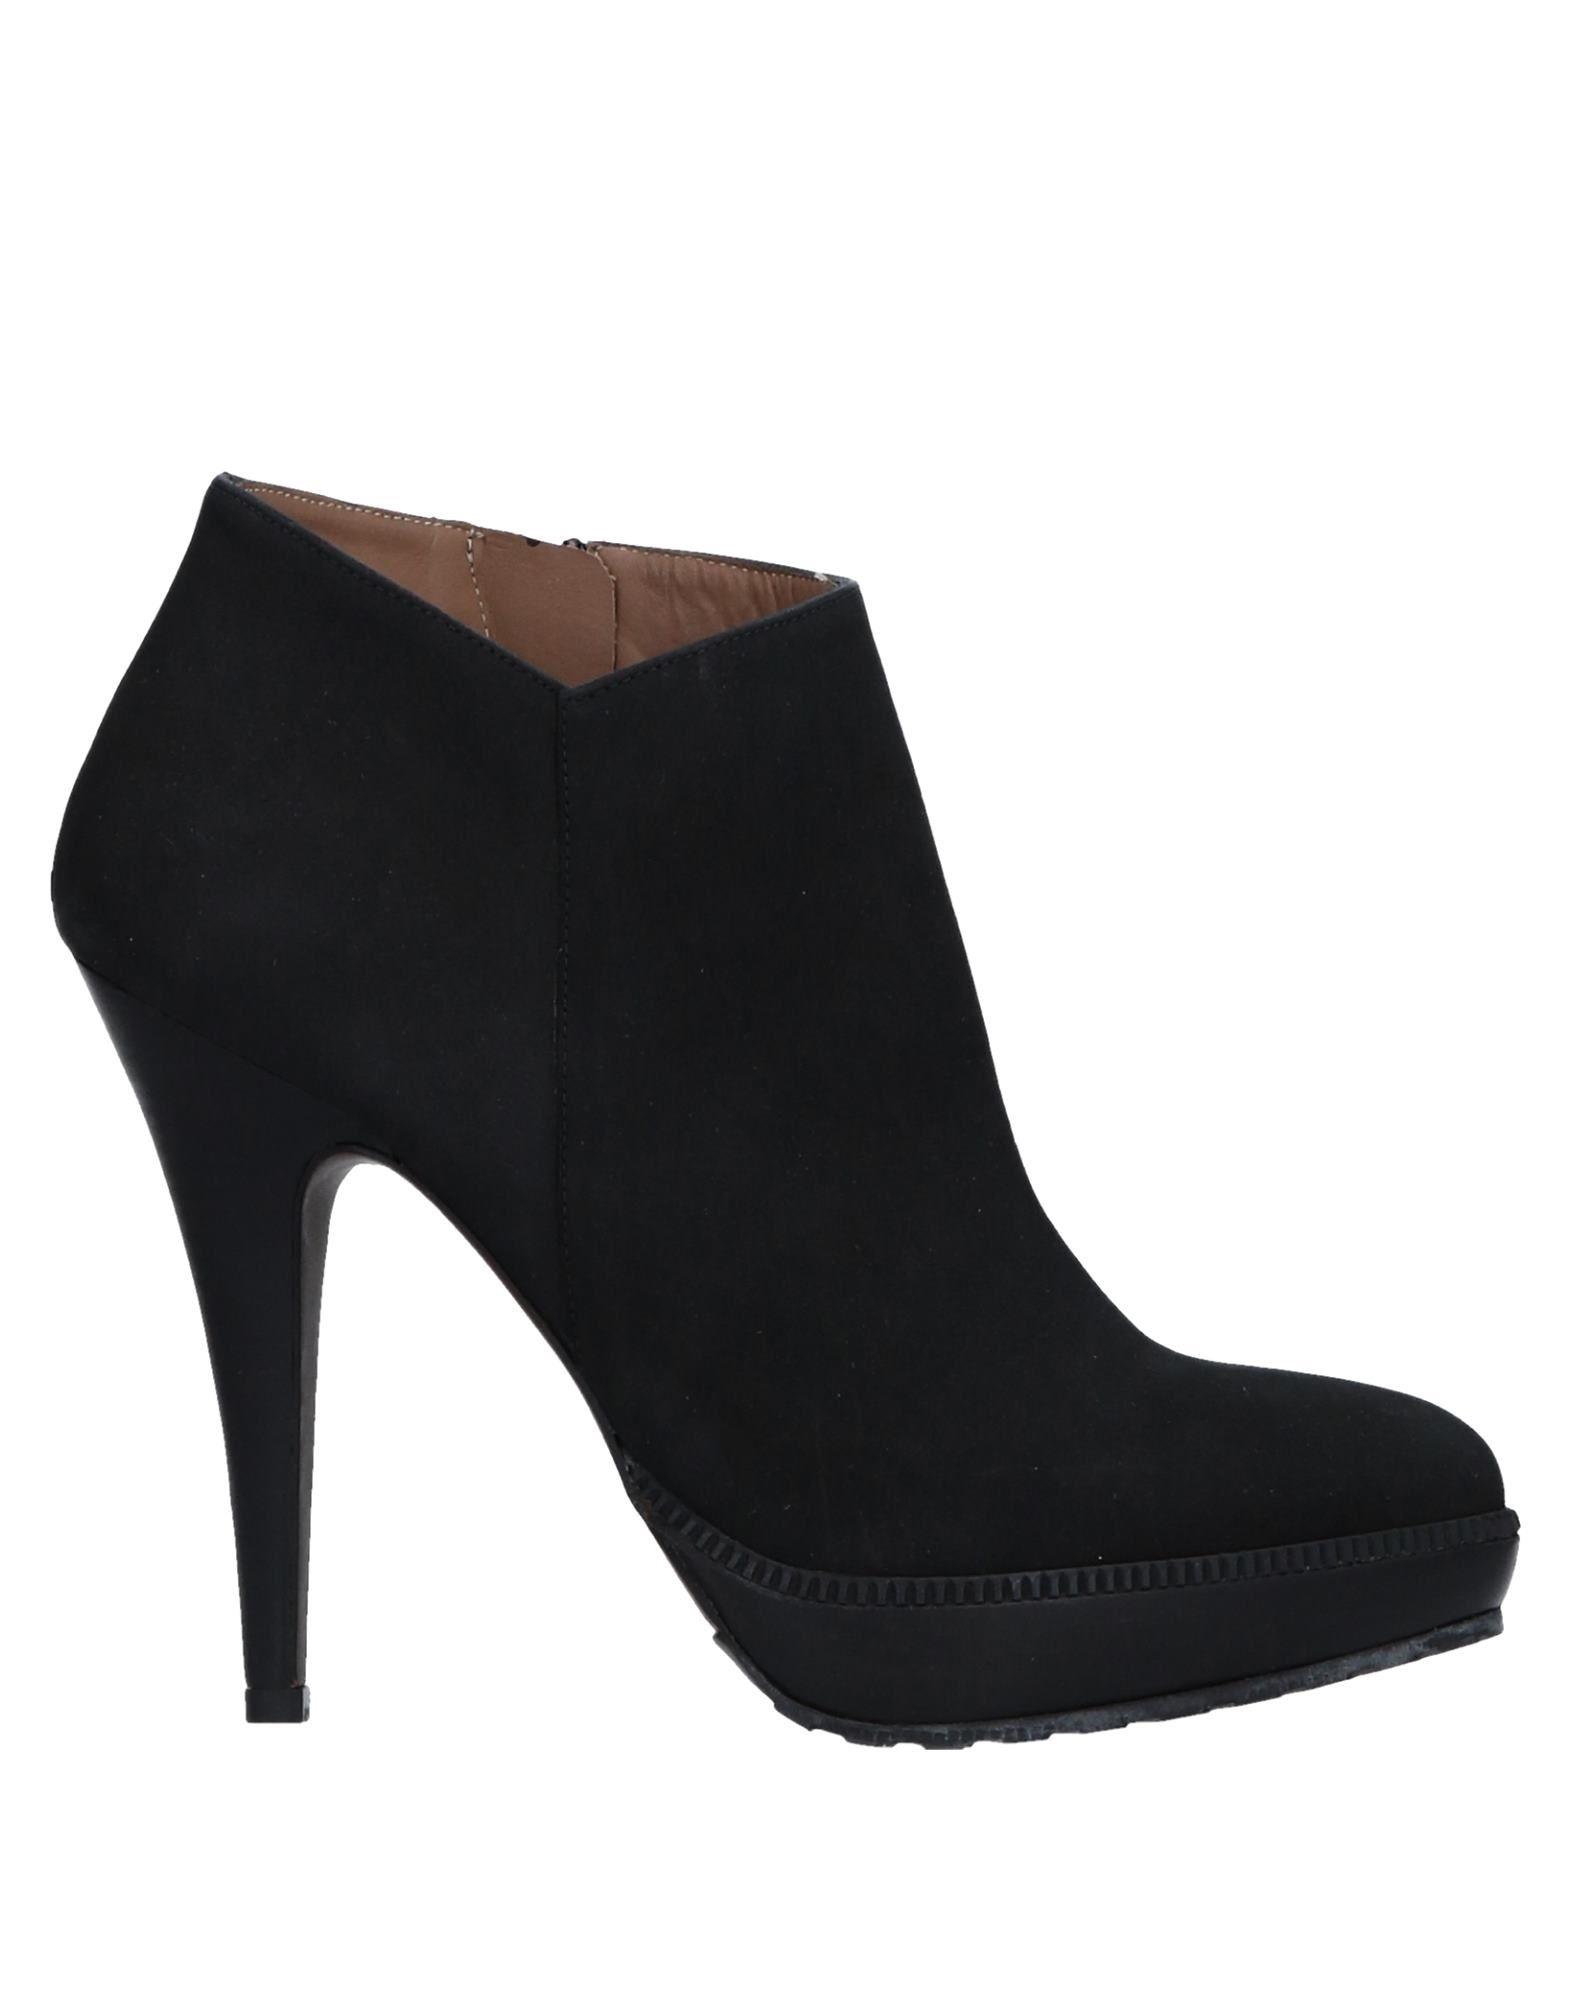 Lodi Ankle Boot - Women Women - Lodi Ankle Boots online on  Australia - 11538215LX b501f1